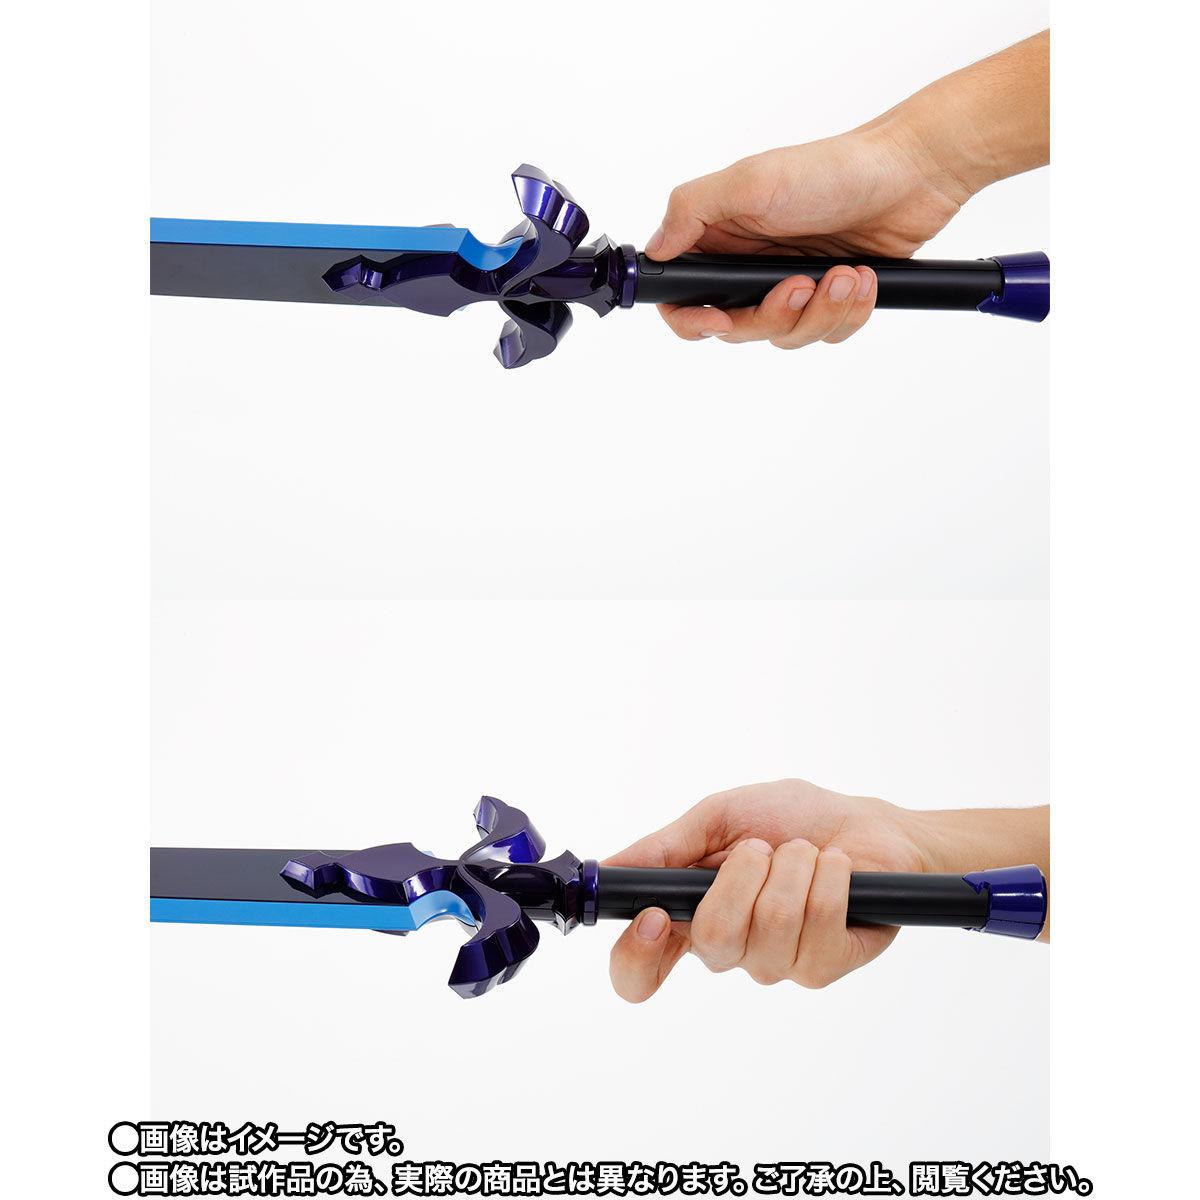 【限定販売】PROPLICA 『夜空の剣』ソードアート・オンライン 変身なりきり-010